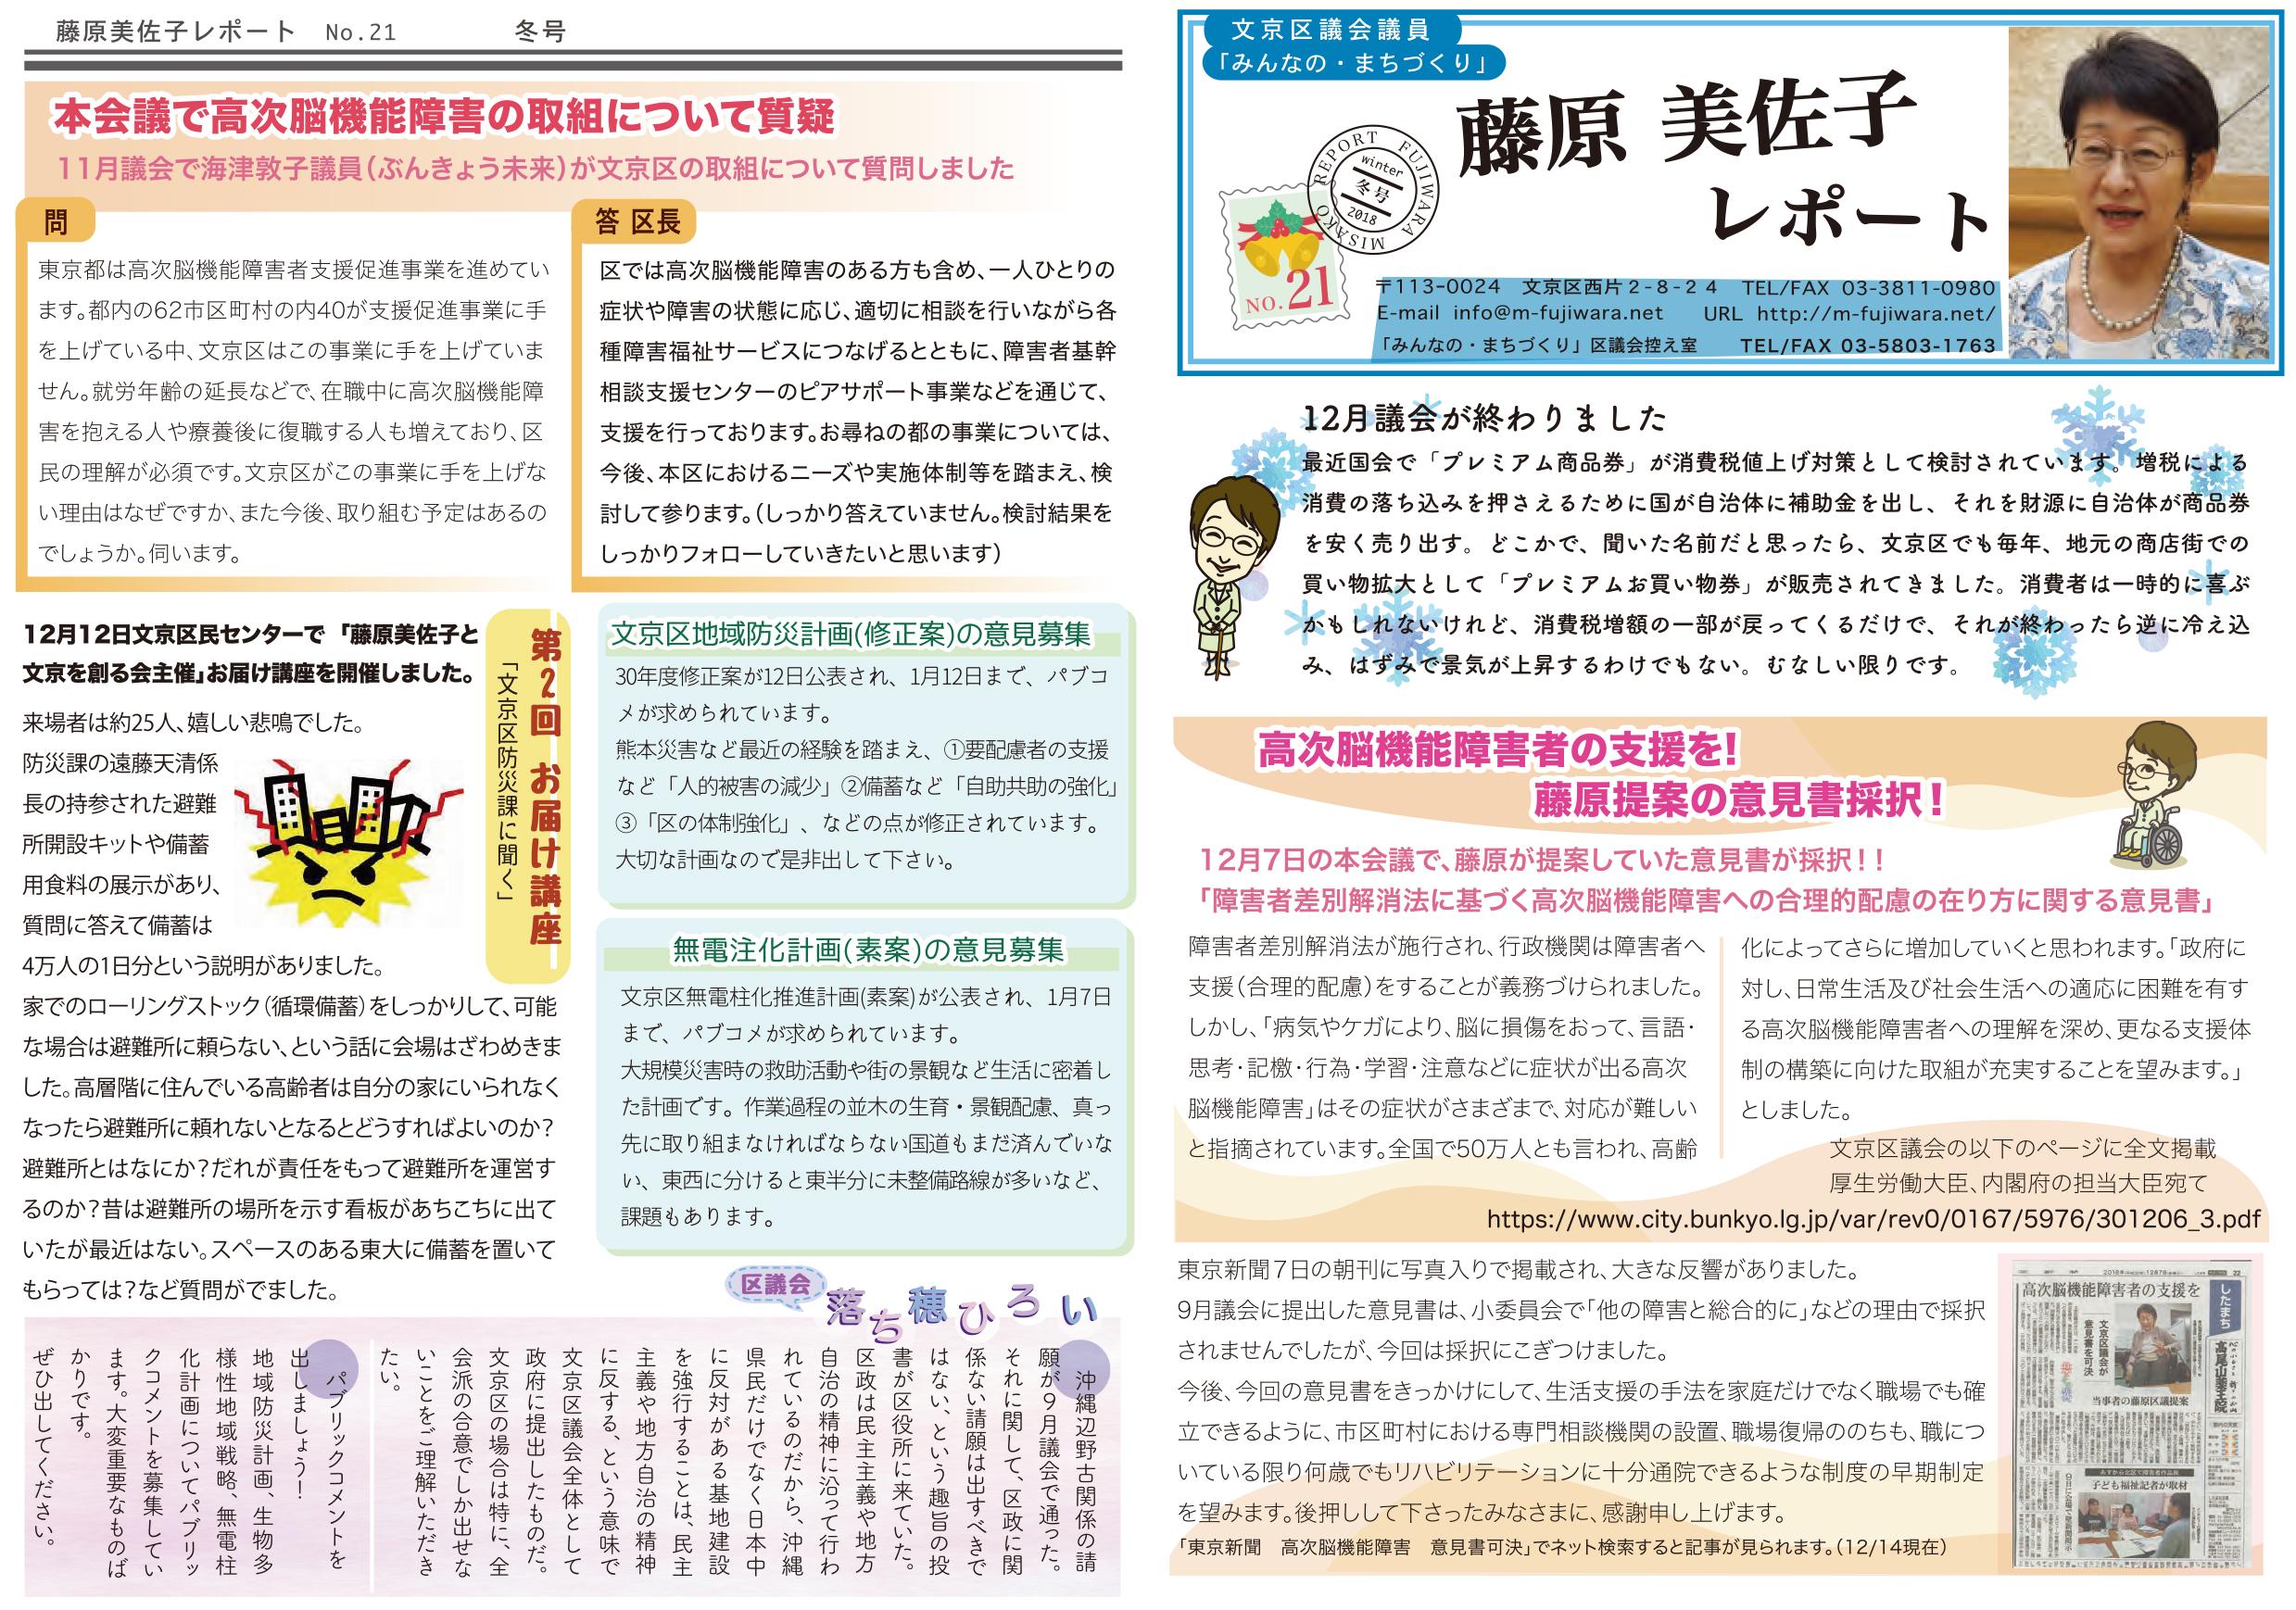 藤原美佐子レポート No.21-1